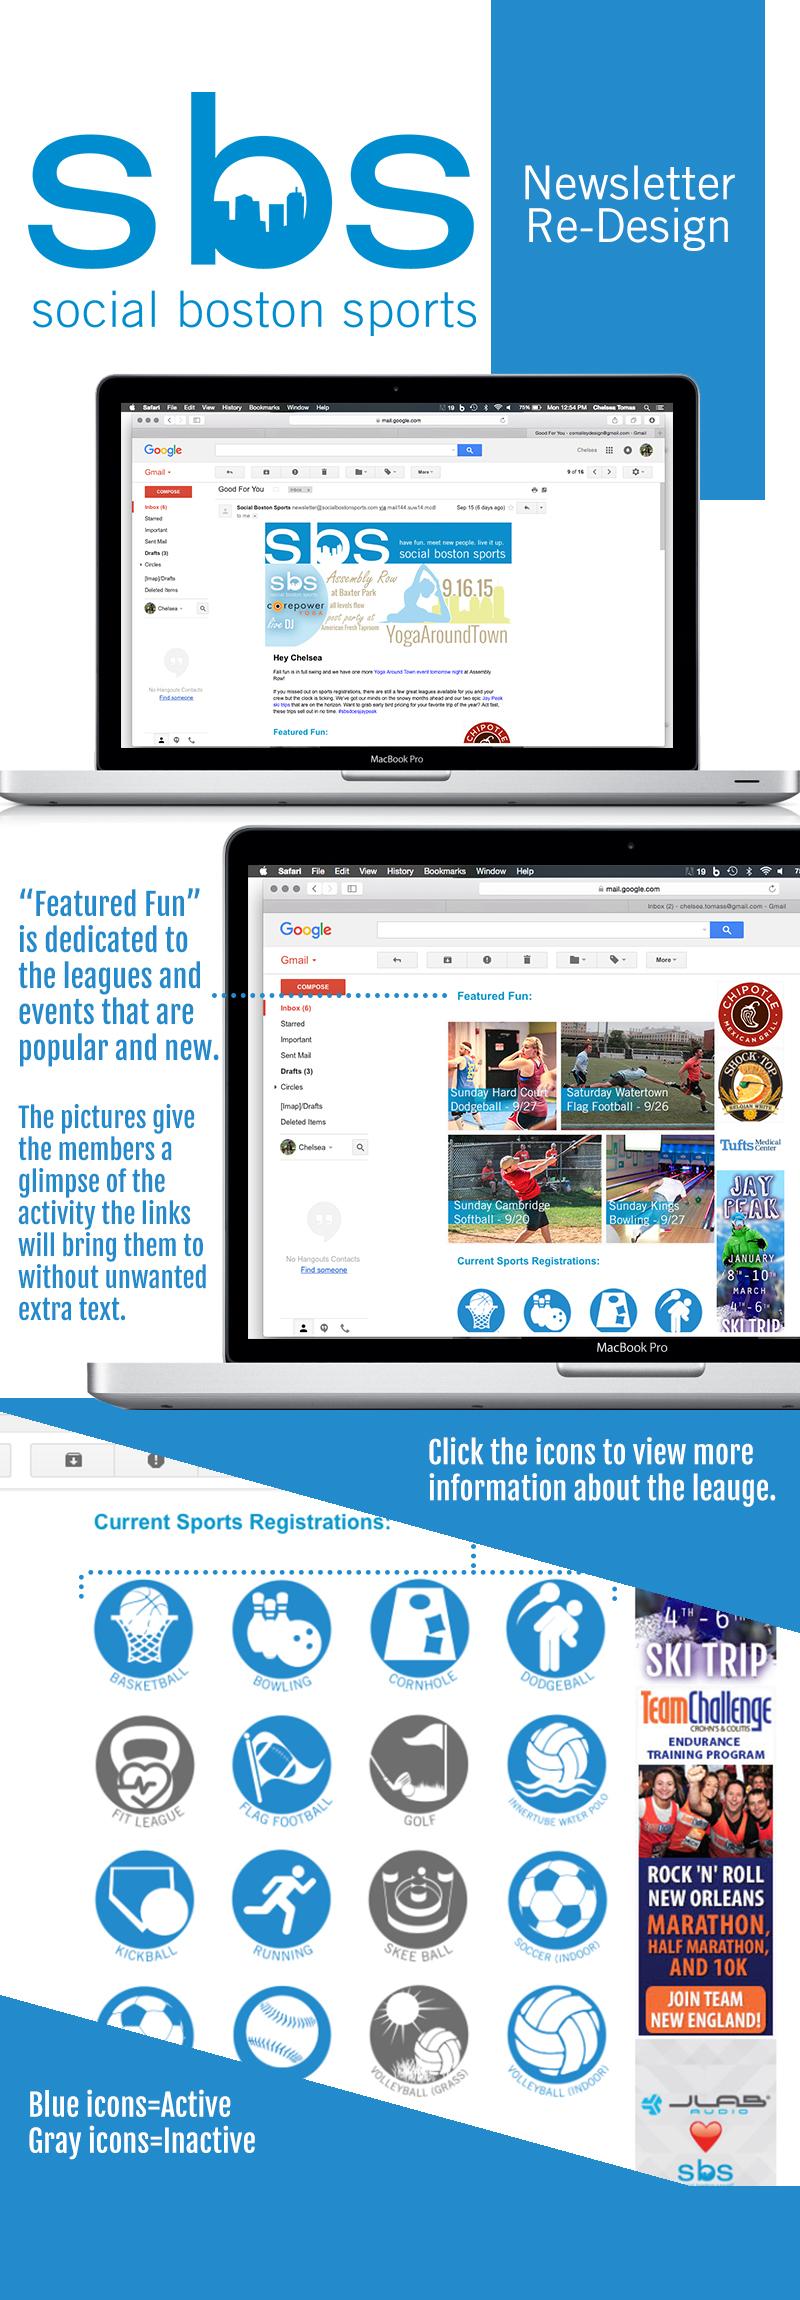 newsletter_redesign.jpg